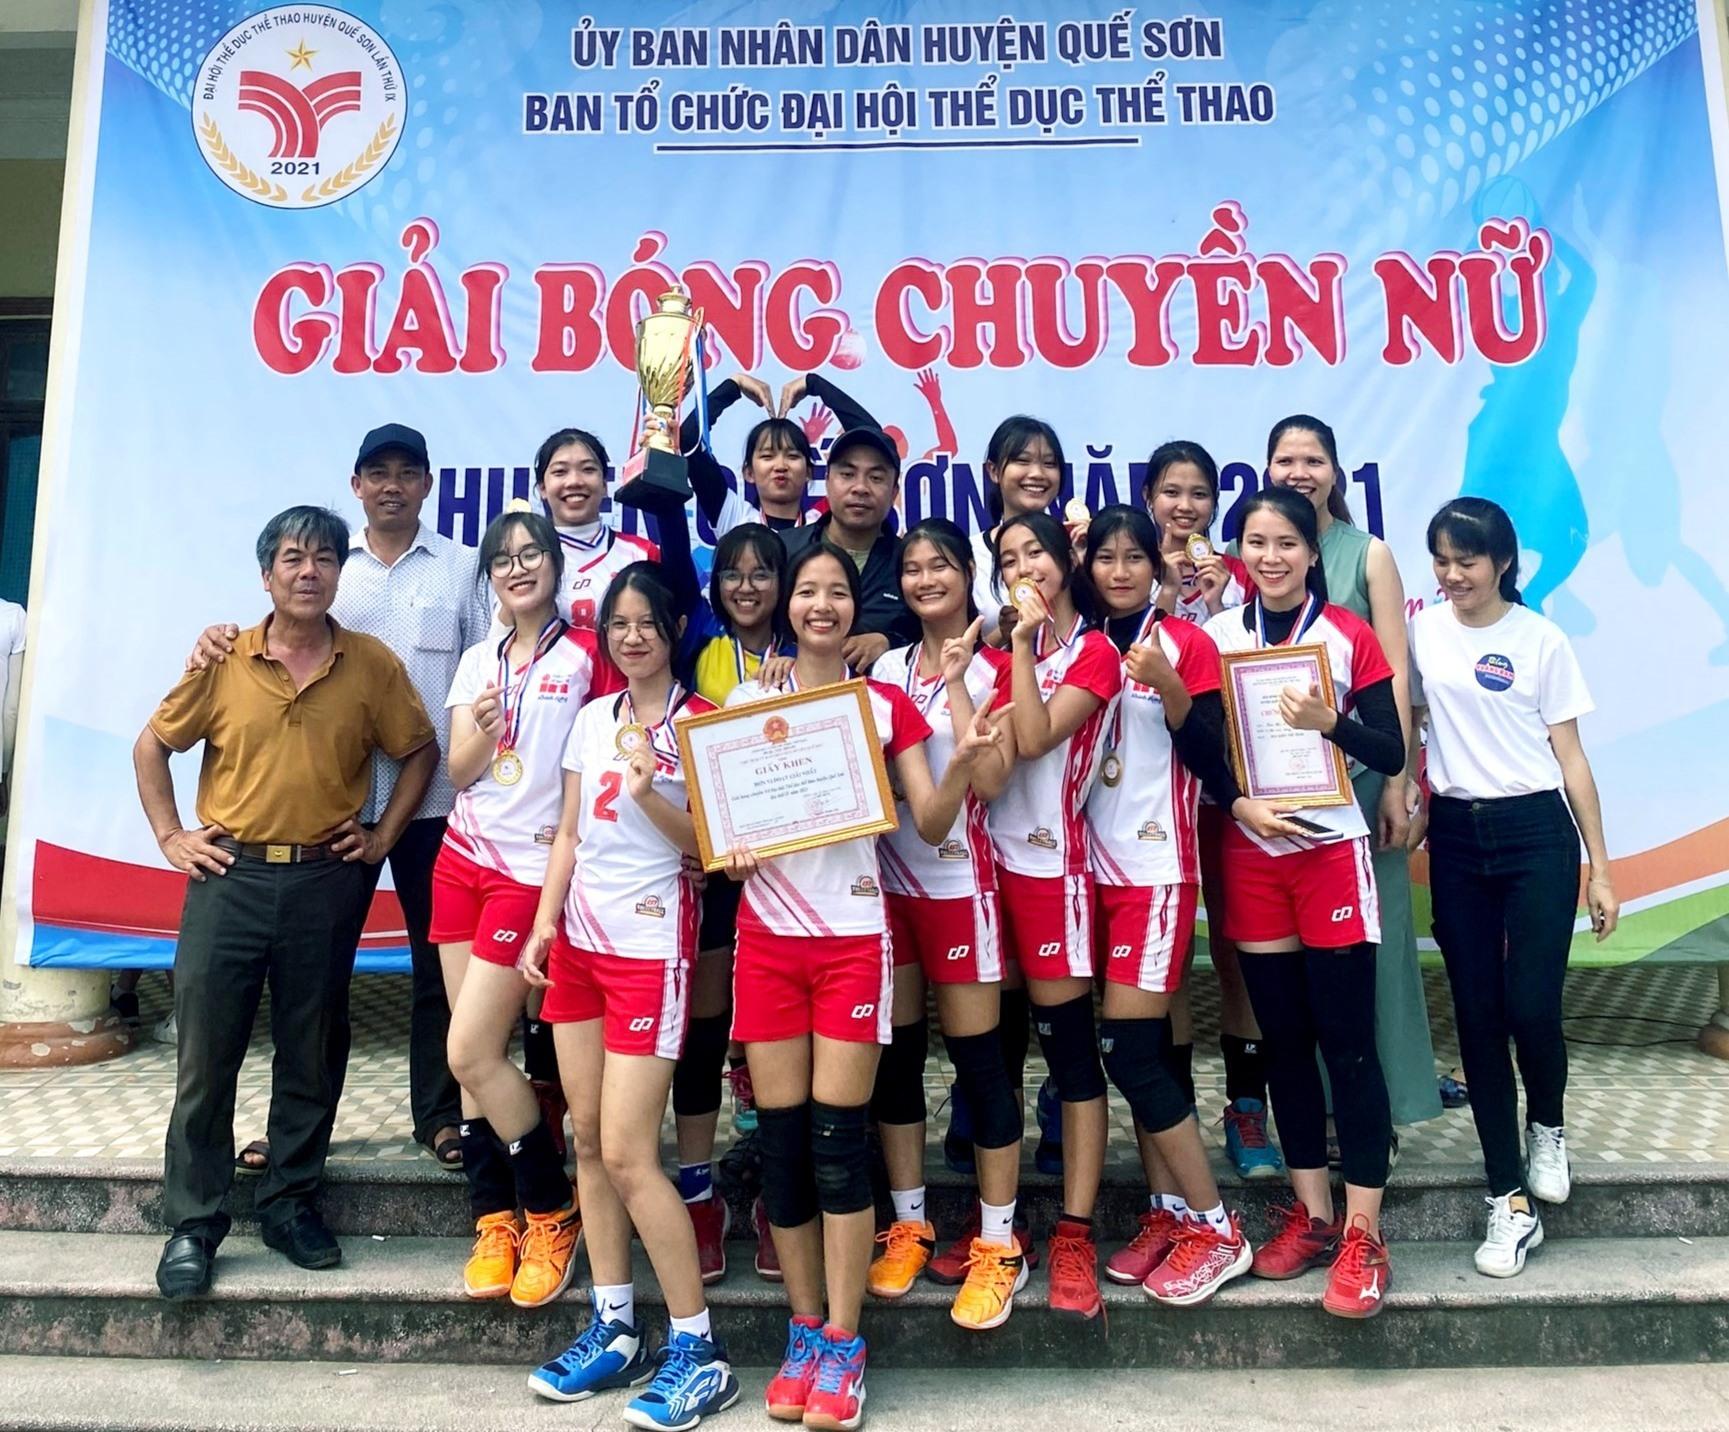 Đội bóng chuyền nữ thị trấn Đông Phú giành chức vô địch. Ảnh: VĂN SỰ